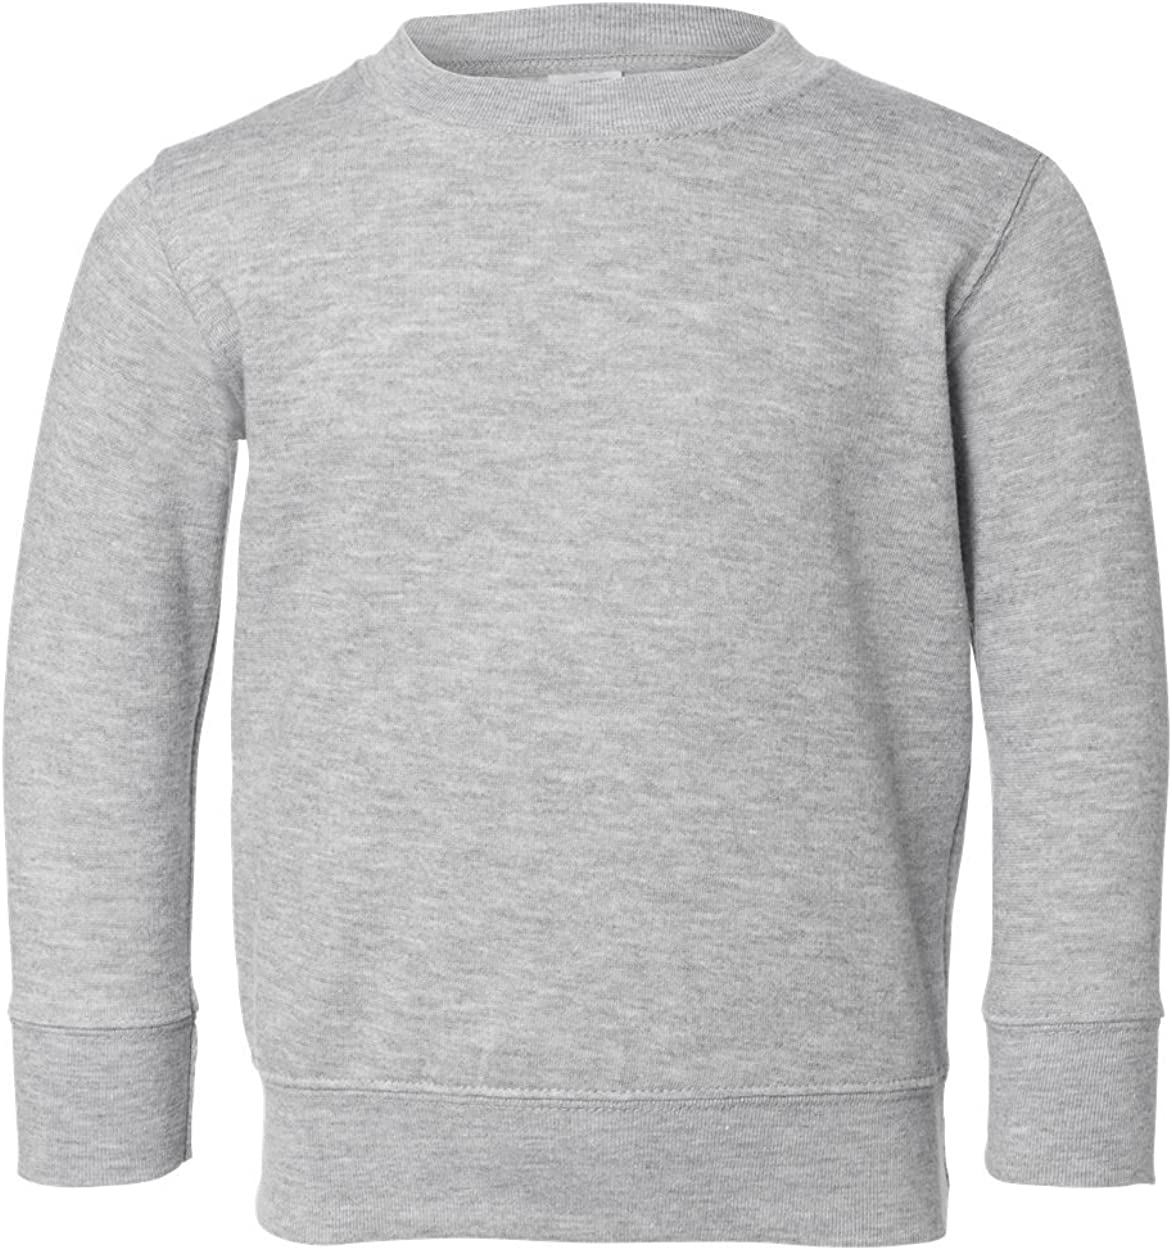 Rabbit Skins Toddler Sweatshirt 5T//6T Dark Heather M-3317